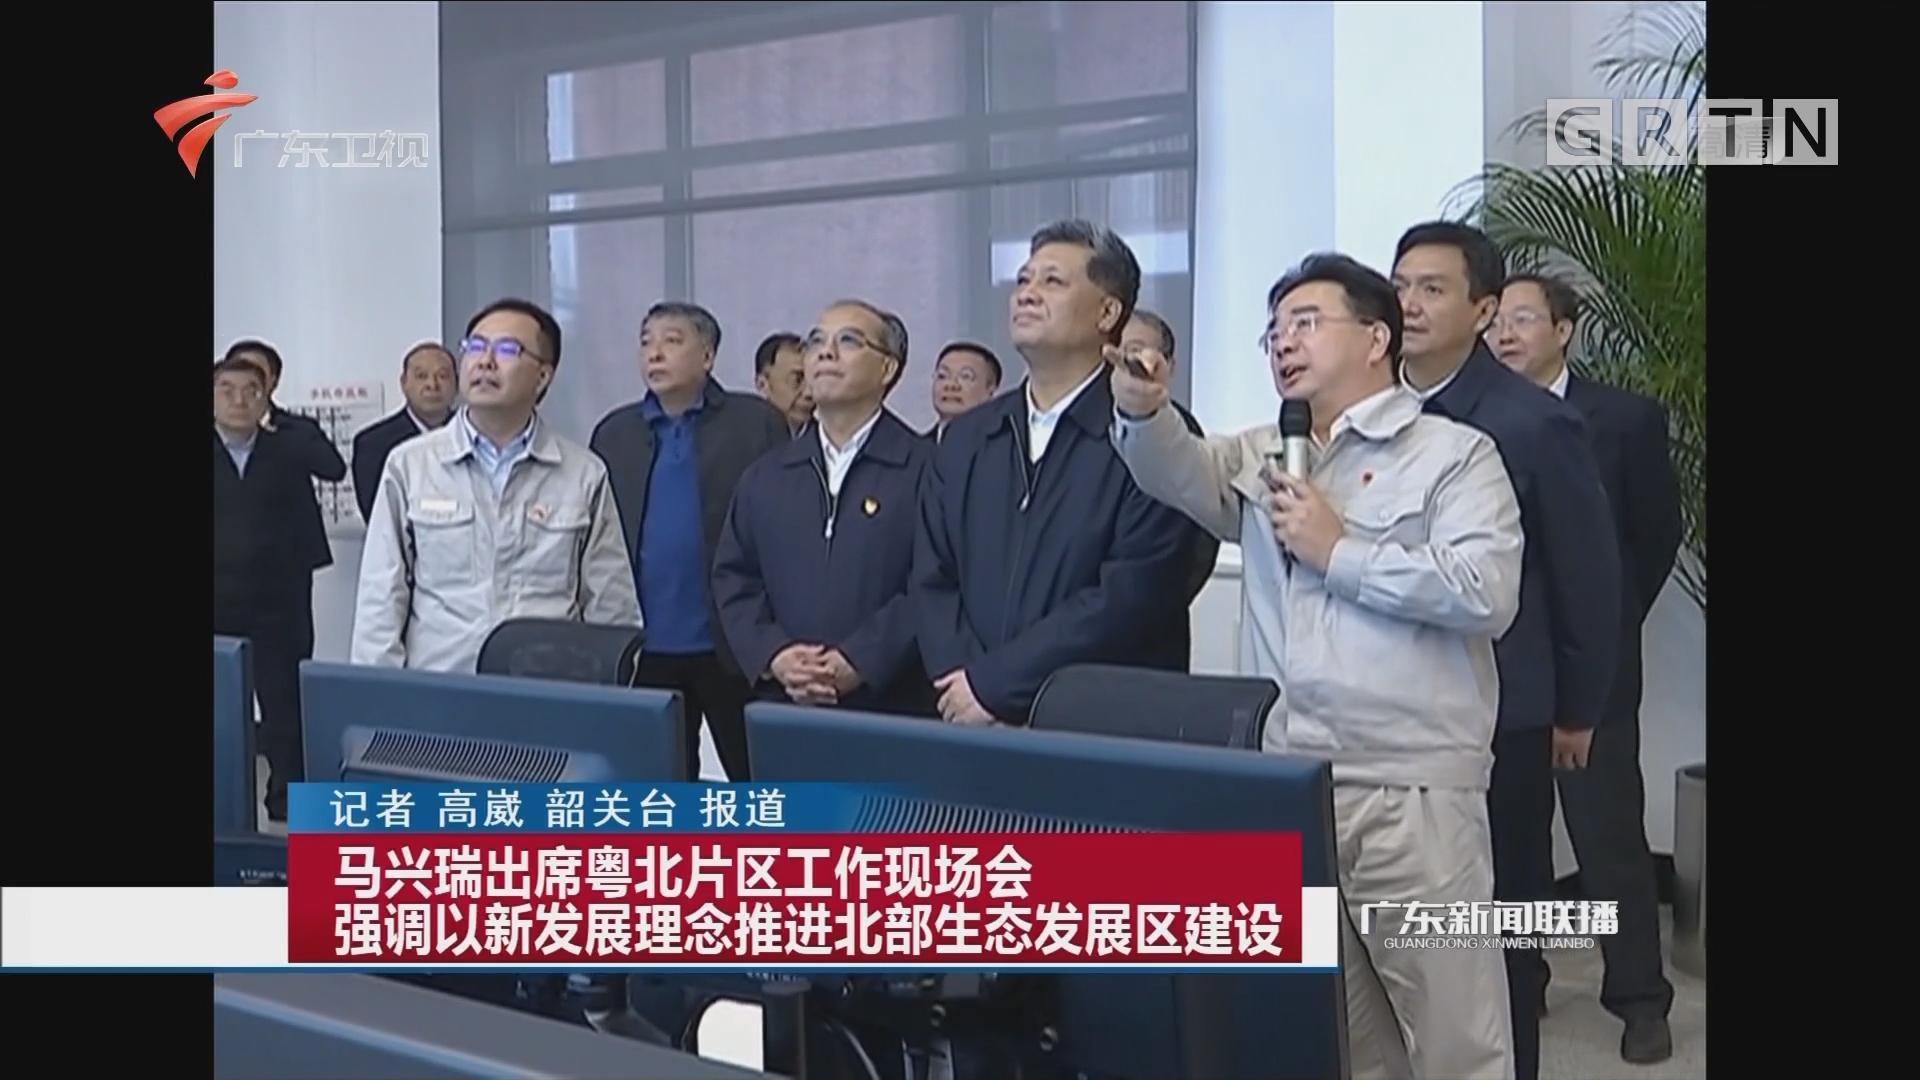 马兴瑞出席粤北片区工作现场会 强调以新发展理念推进北部生态发展区建设